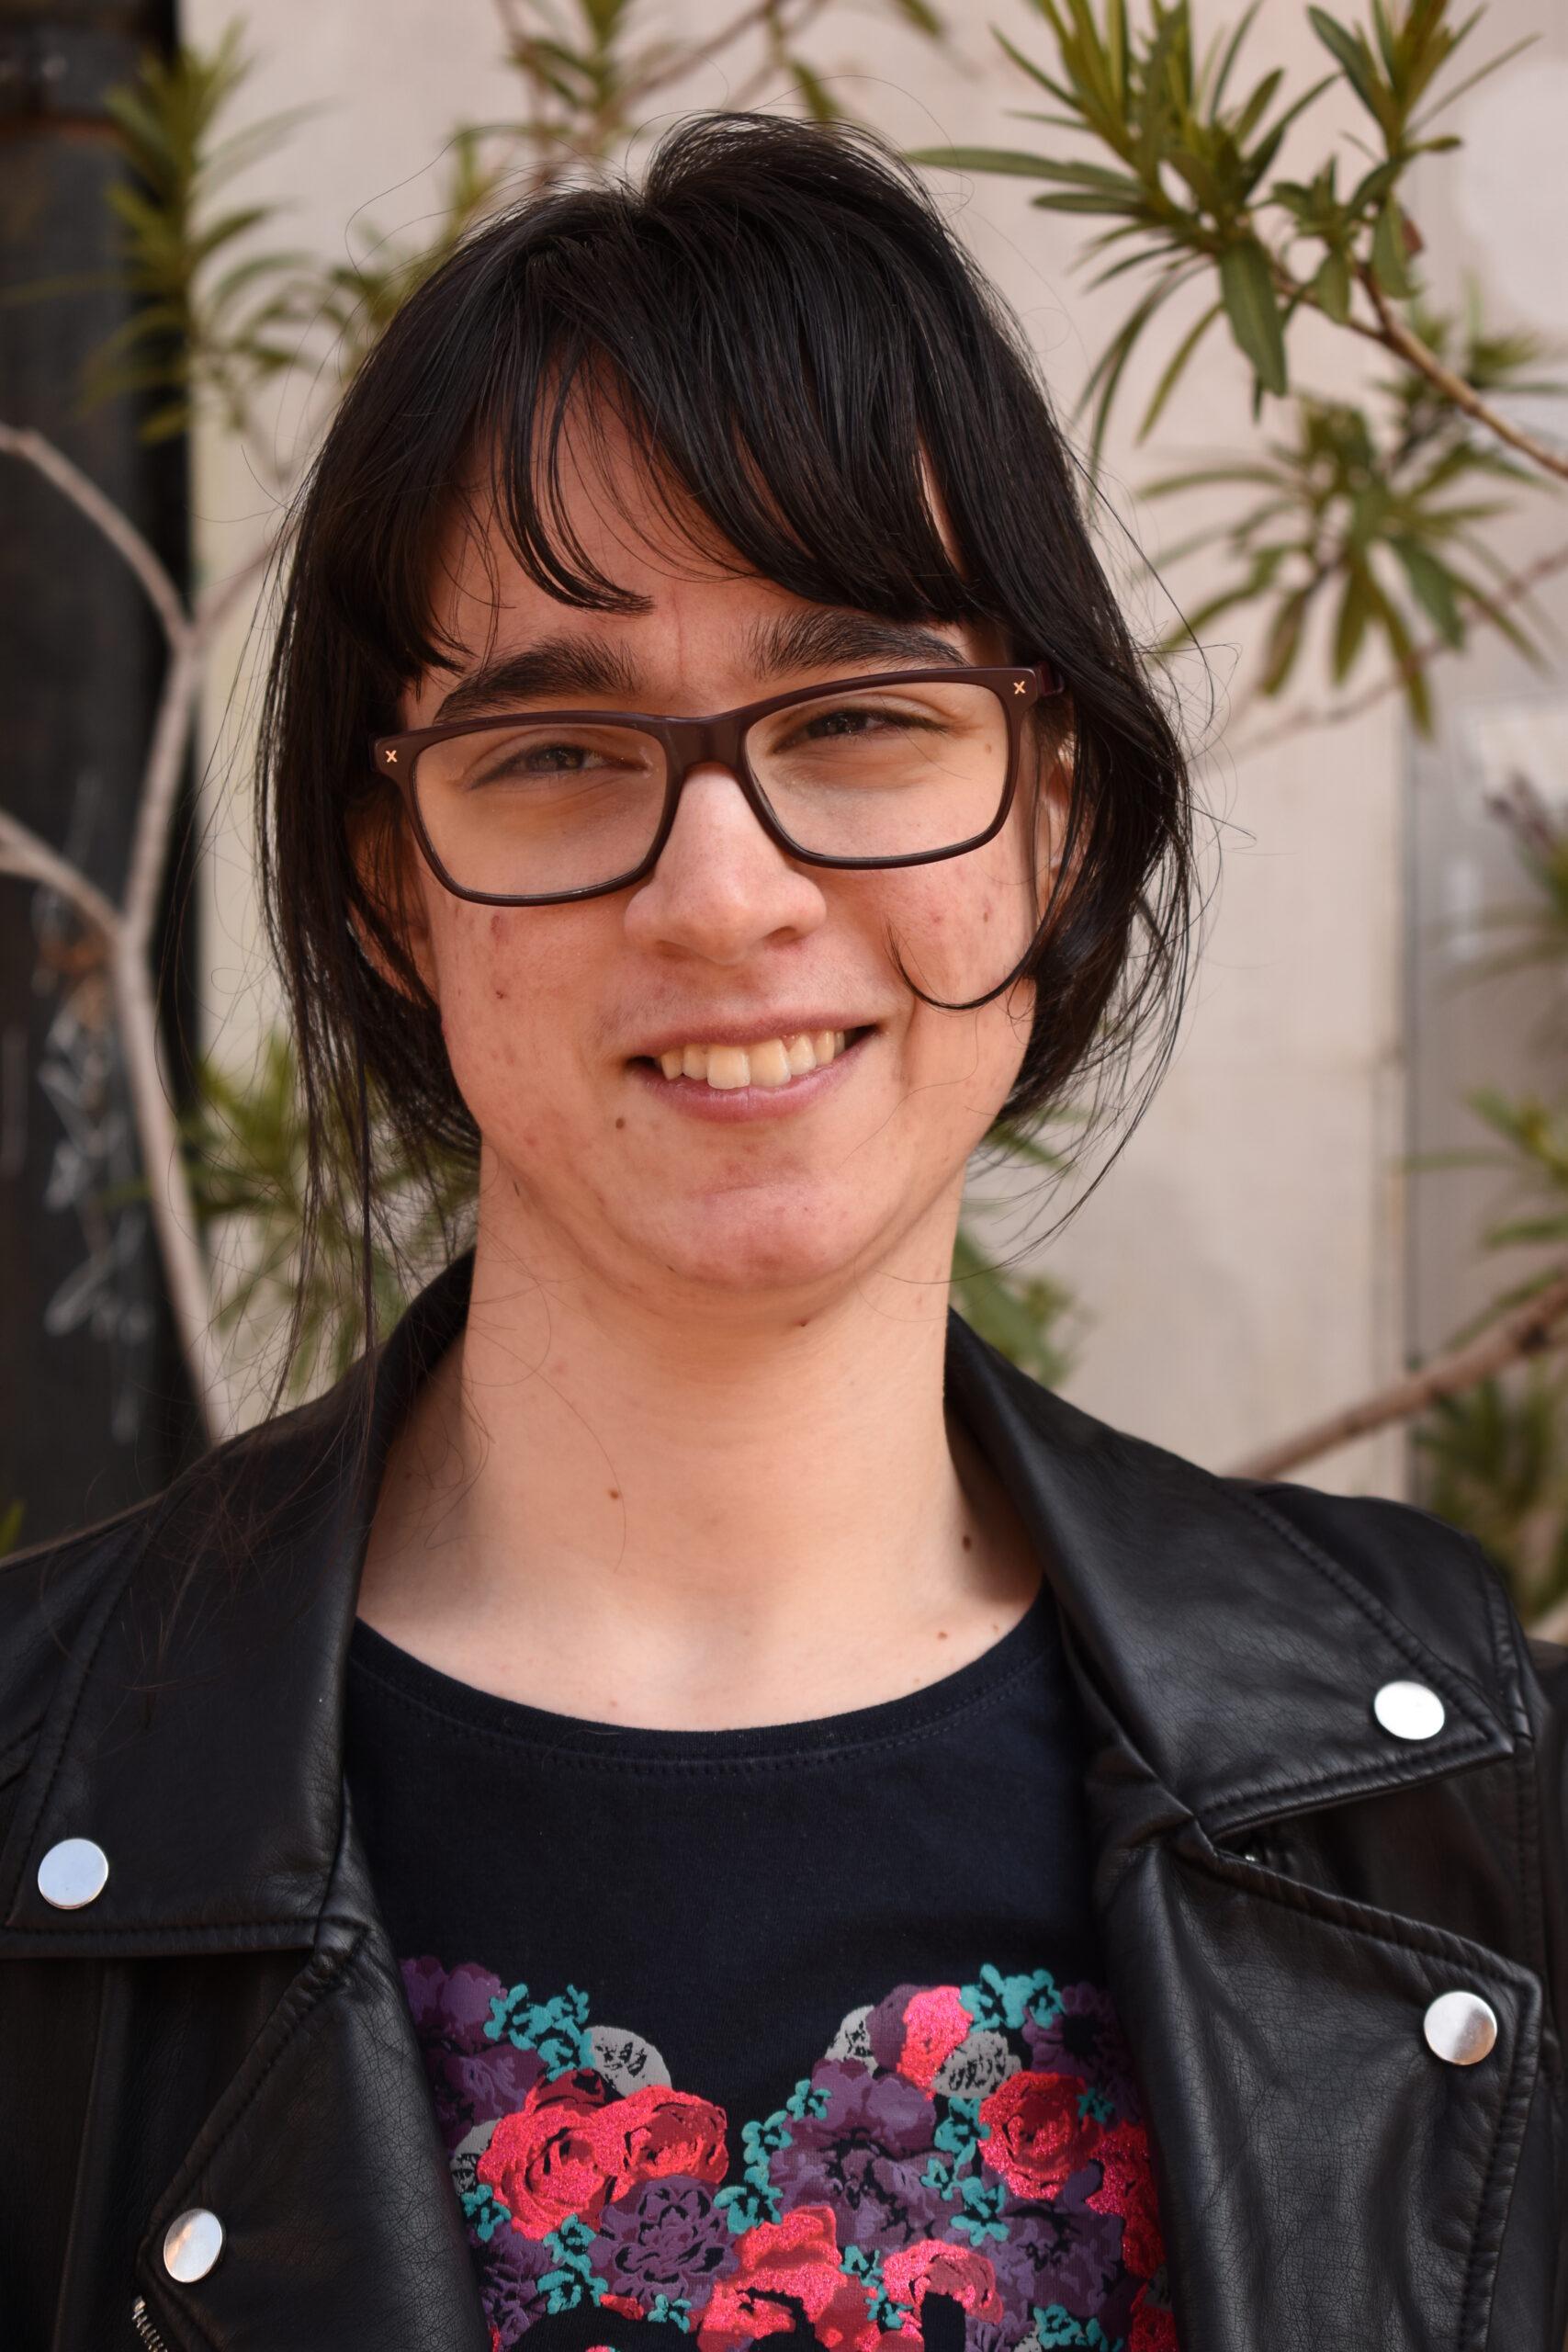 BRUNA (24) Voli glazbu. Pohađala je graditeljsku školu. Ima sestru i tri mačke koje se zovu Bleki, Brko i Vilma.